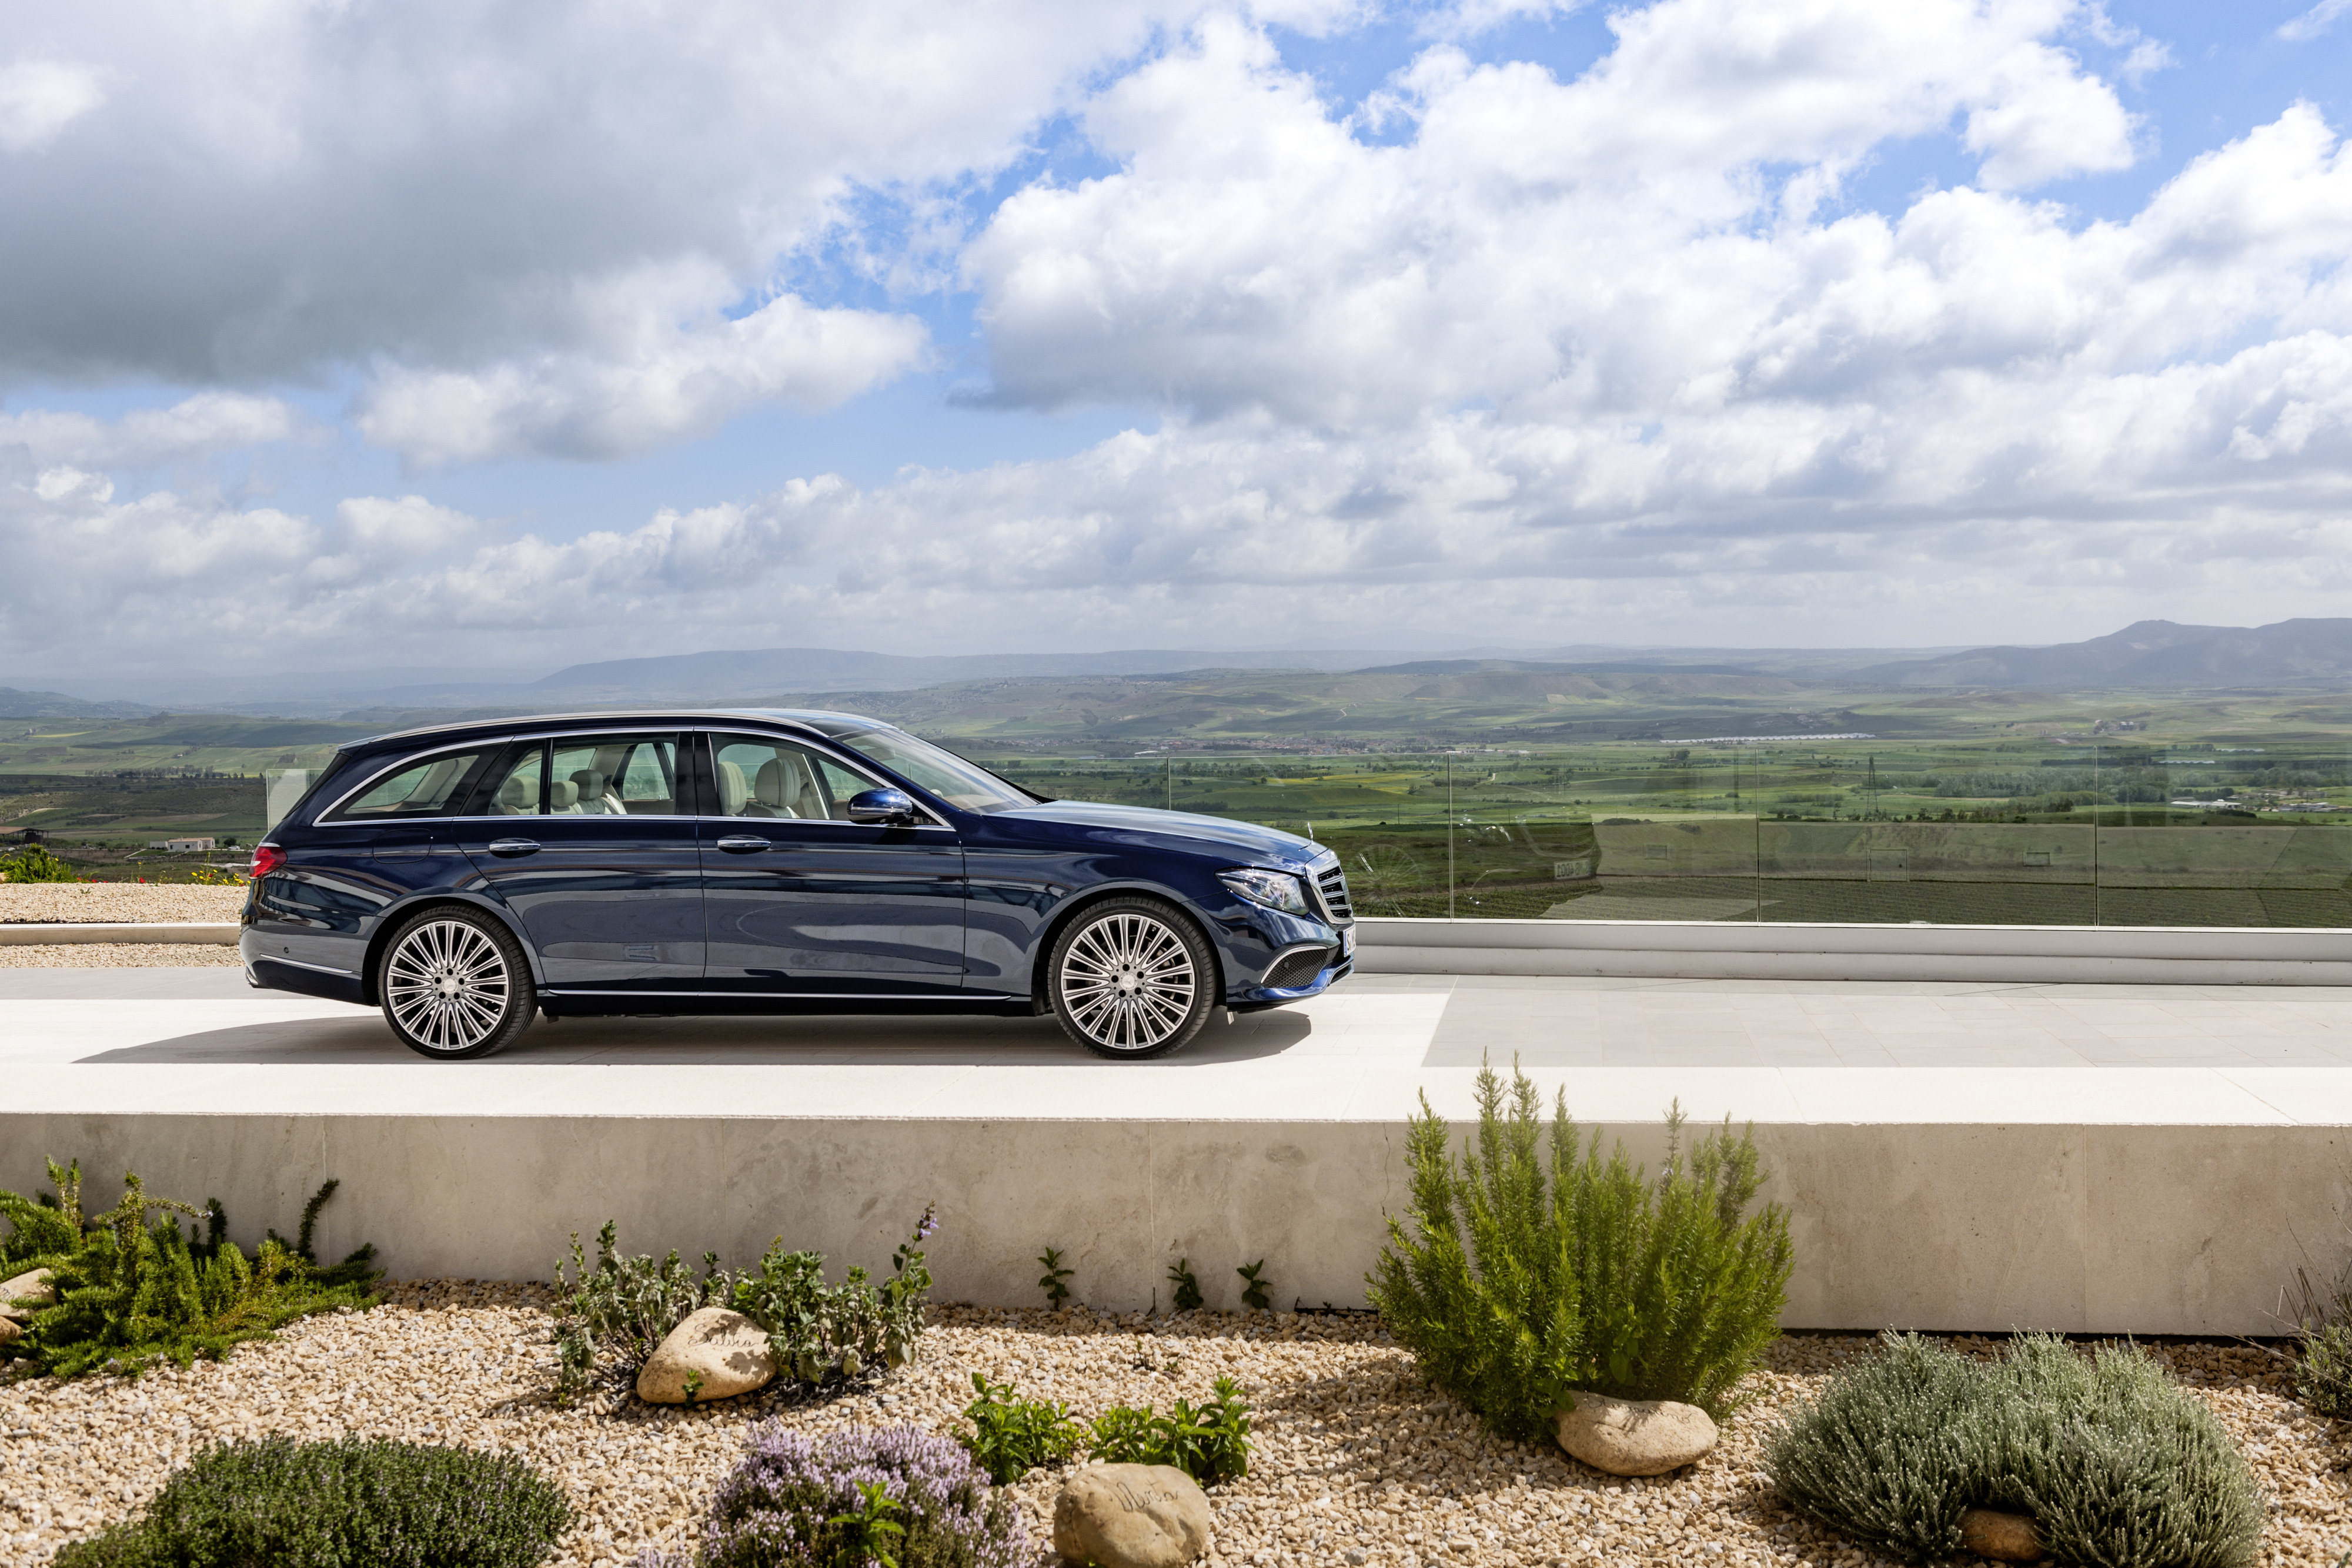 https://s1.cdn.autoevolution.com/images/news/2017-mercedes-benz-e-class-estate-priced-in-the-uk-109803_1.jpeg